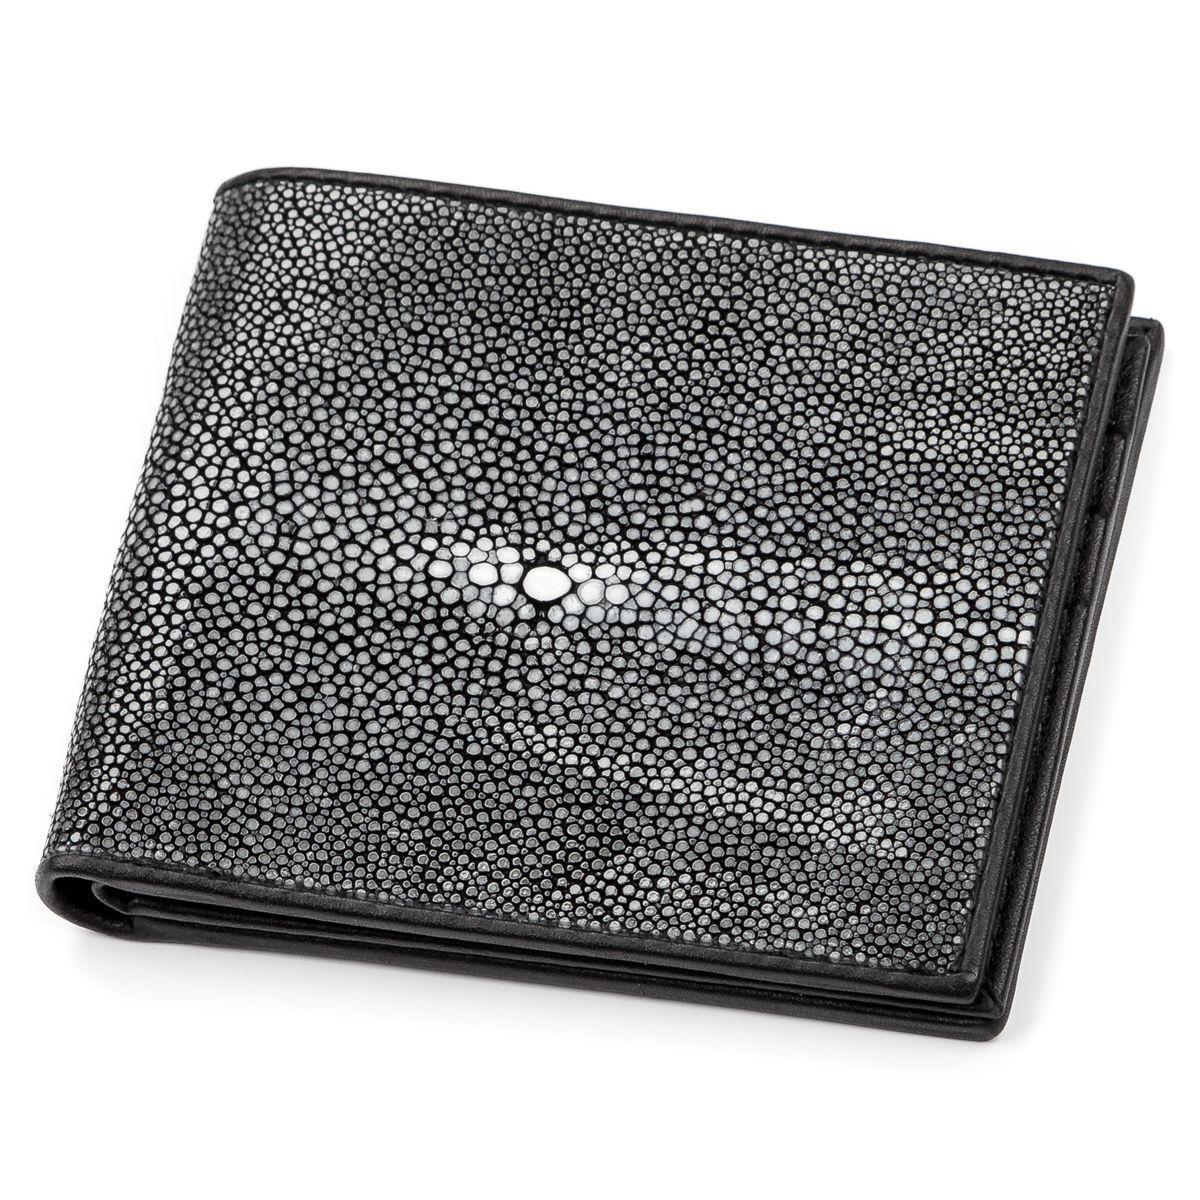 Портмоне мужское Ekzotic Leather из натуральной кожи морского ската Черное (stw 51)